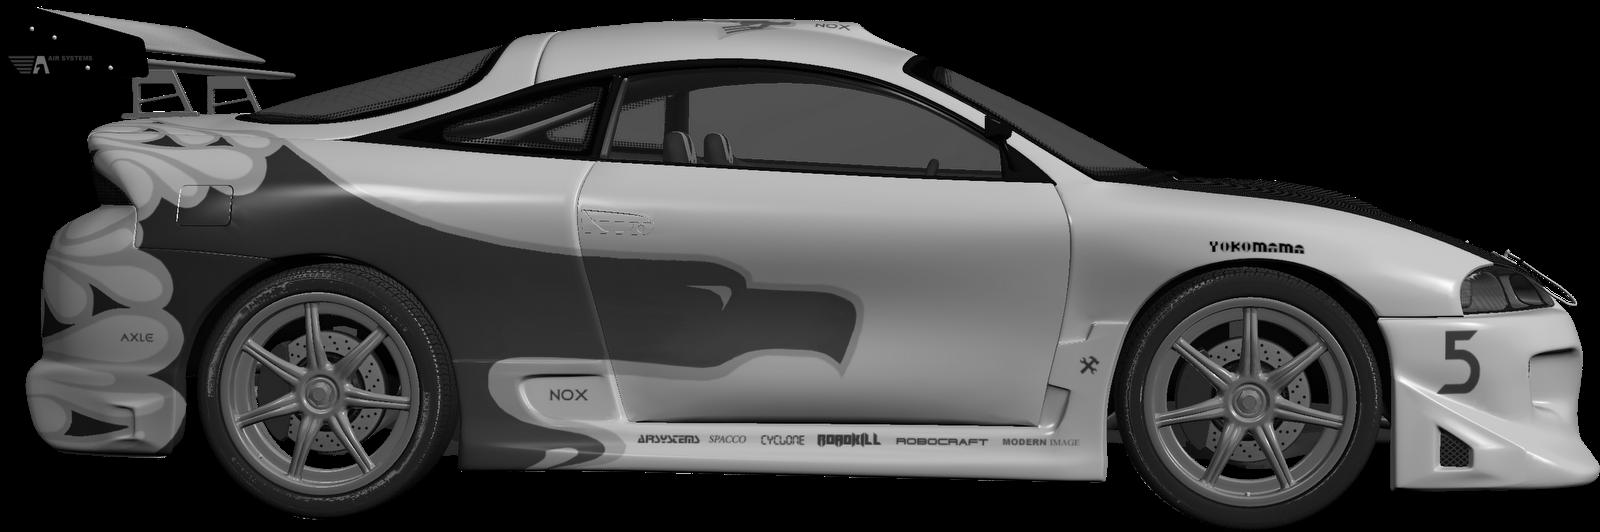 Nascar Race Car Clipart Transparent Race Car Clipart.